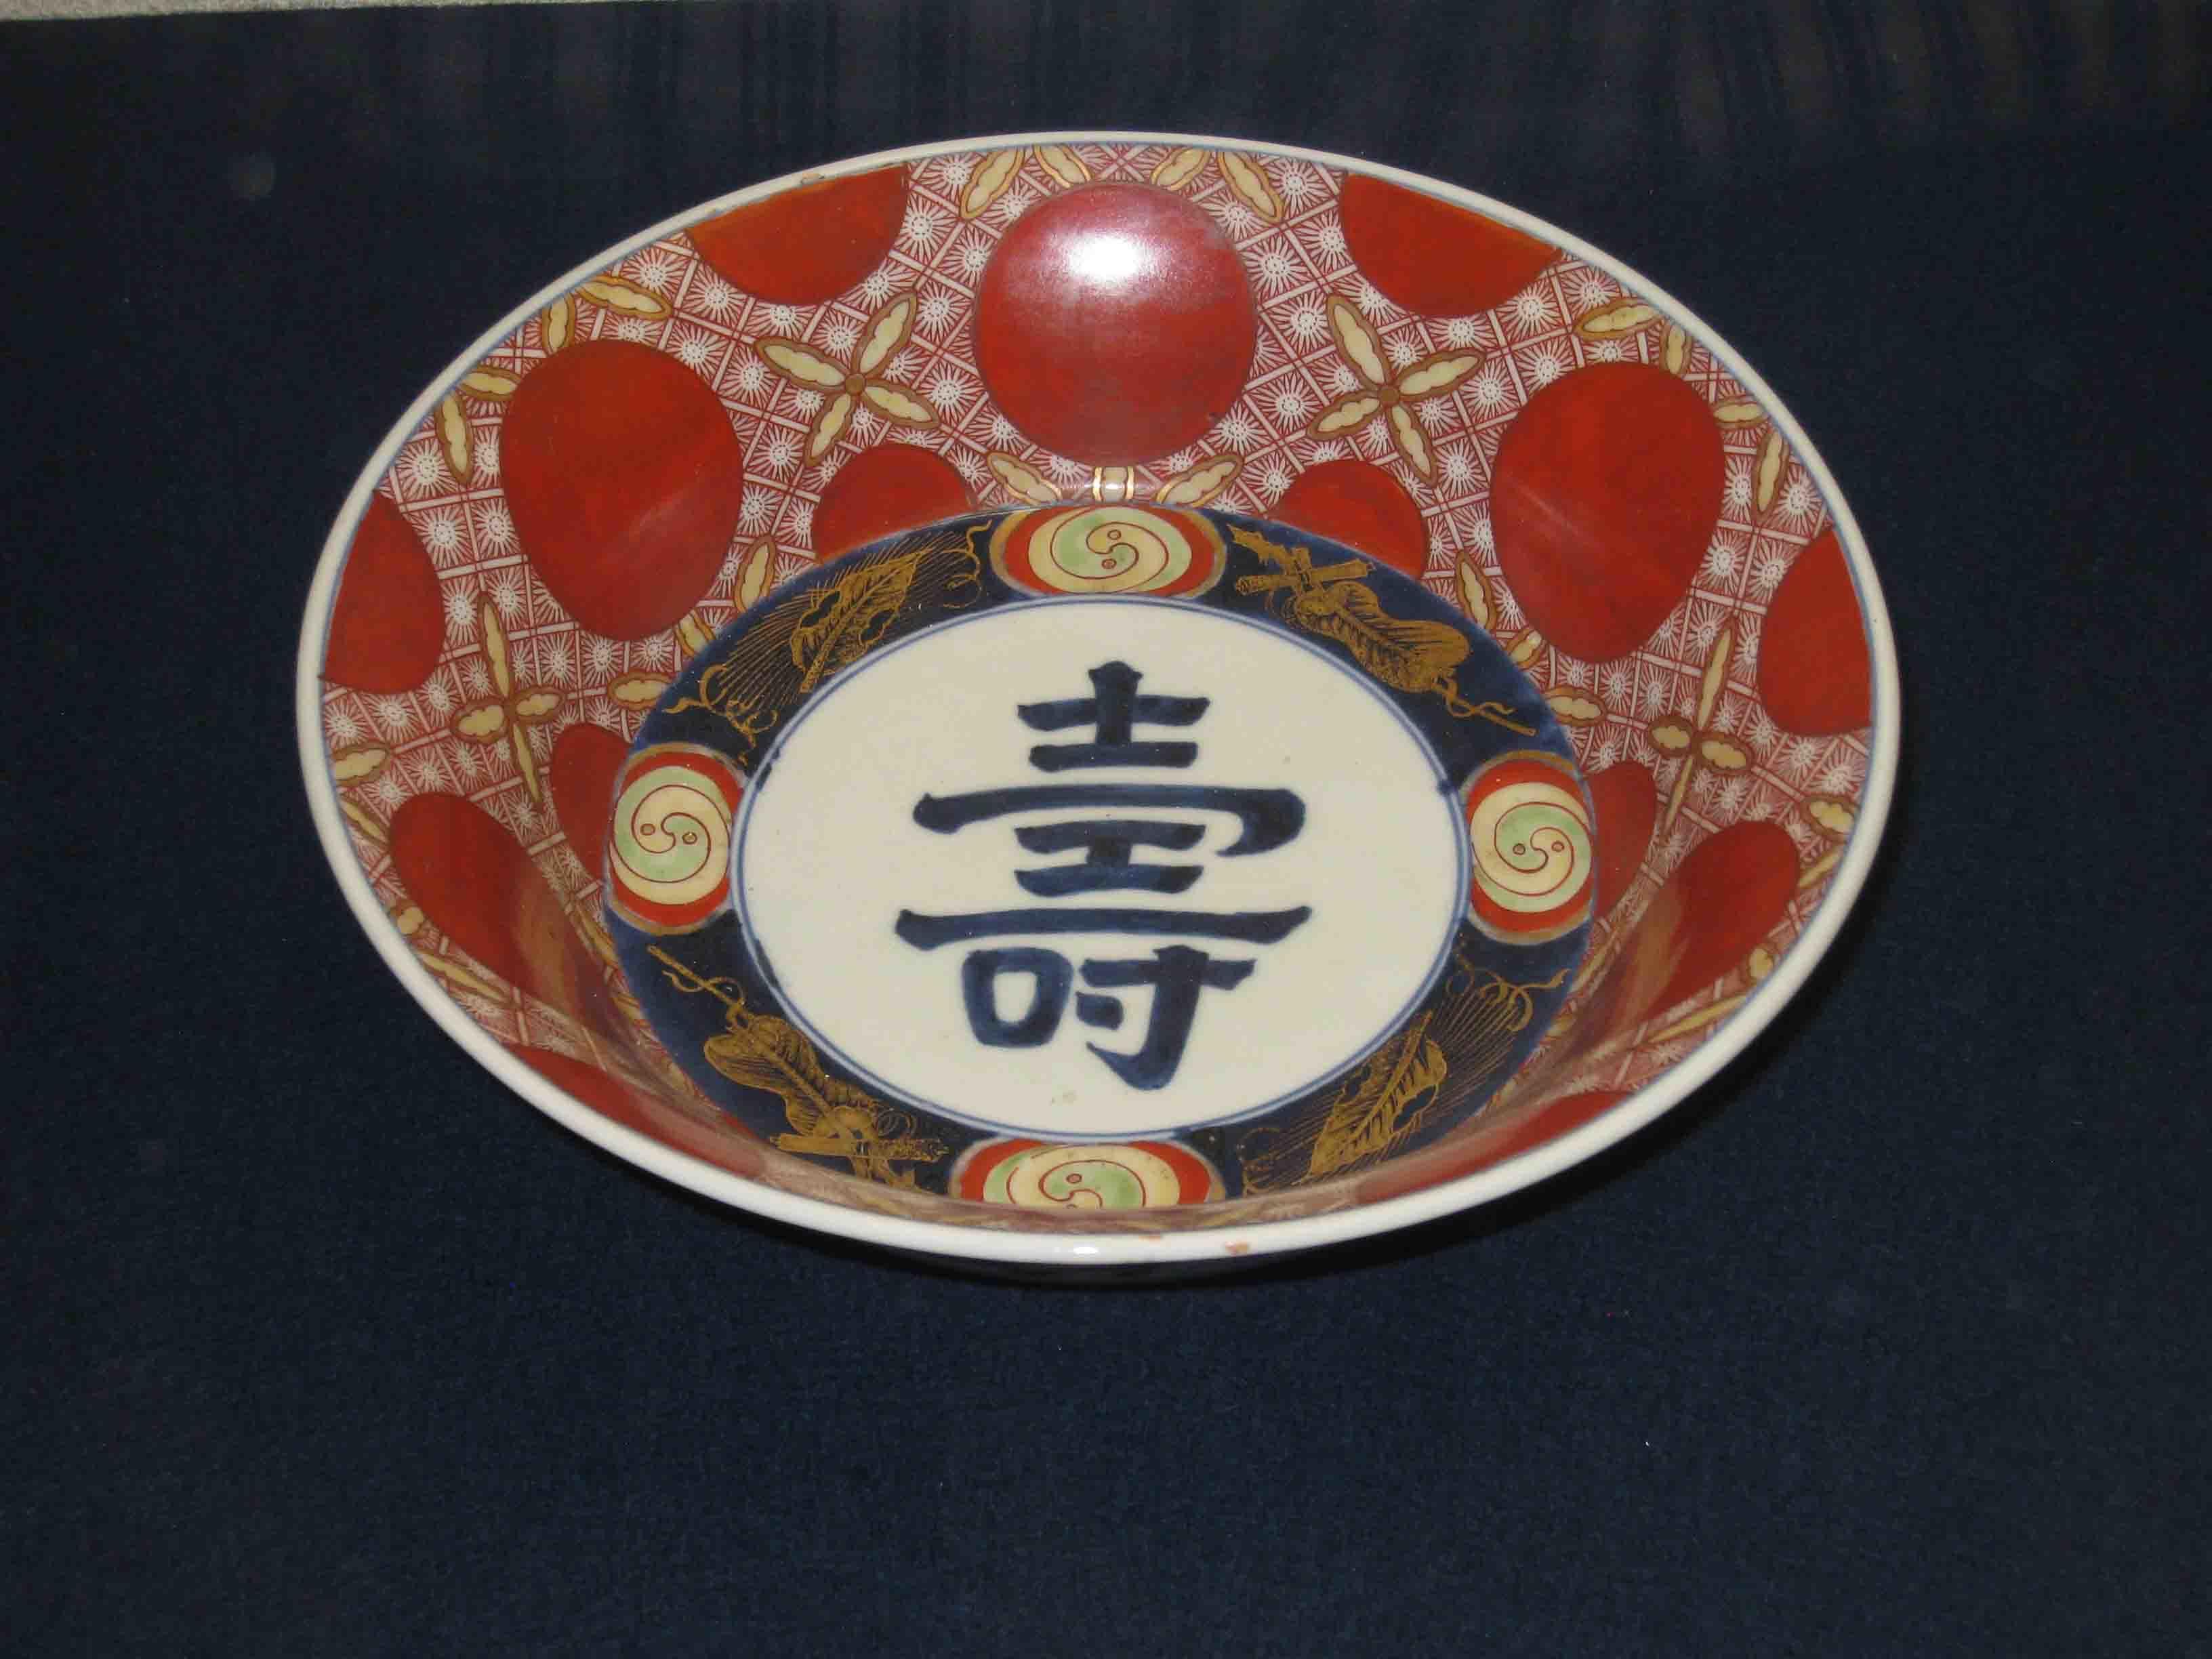 色鍋島赤玉菓子器展示